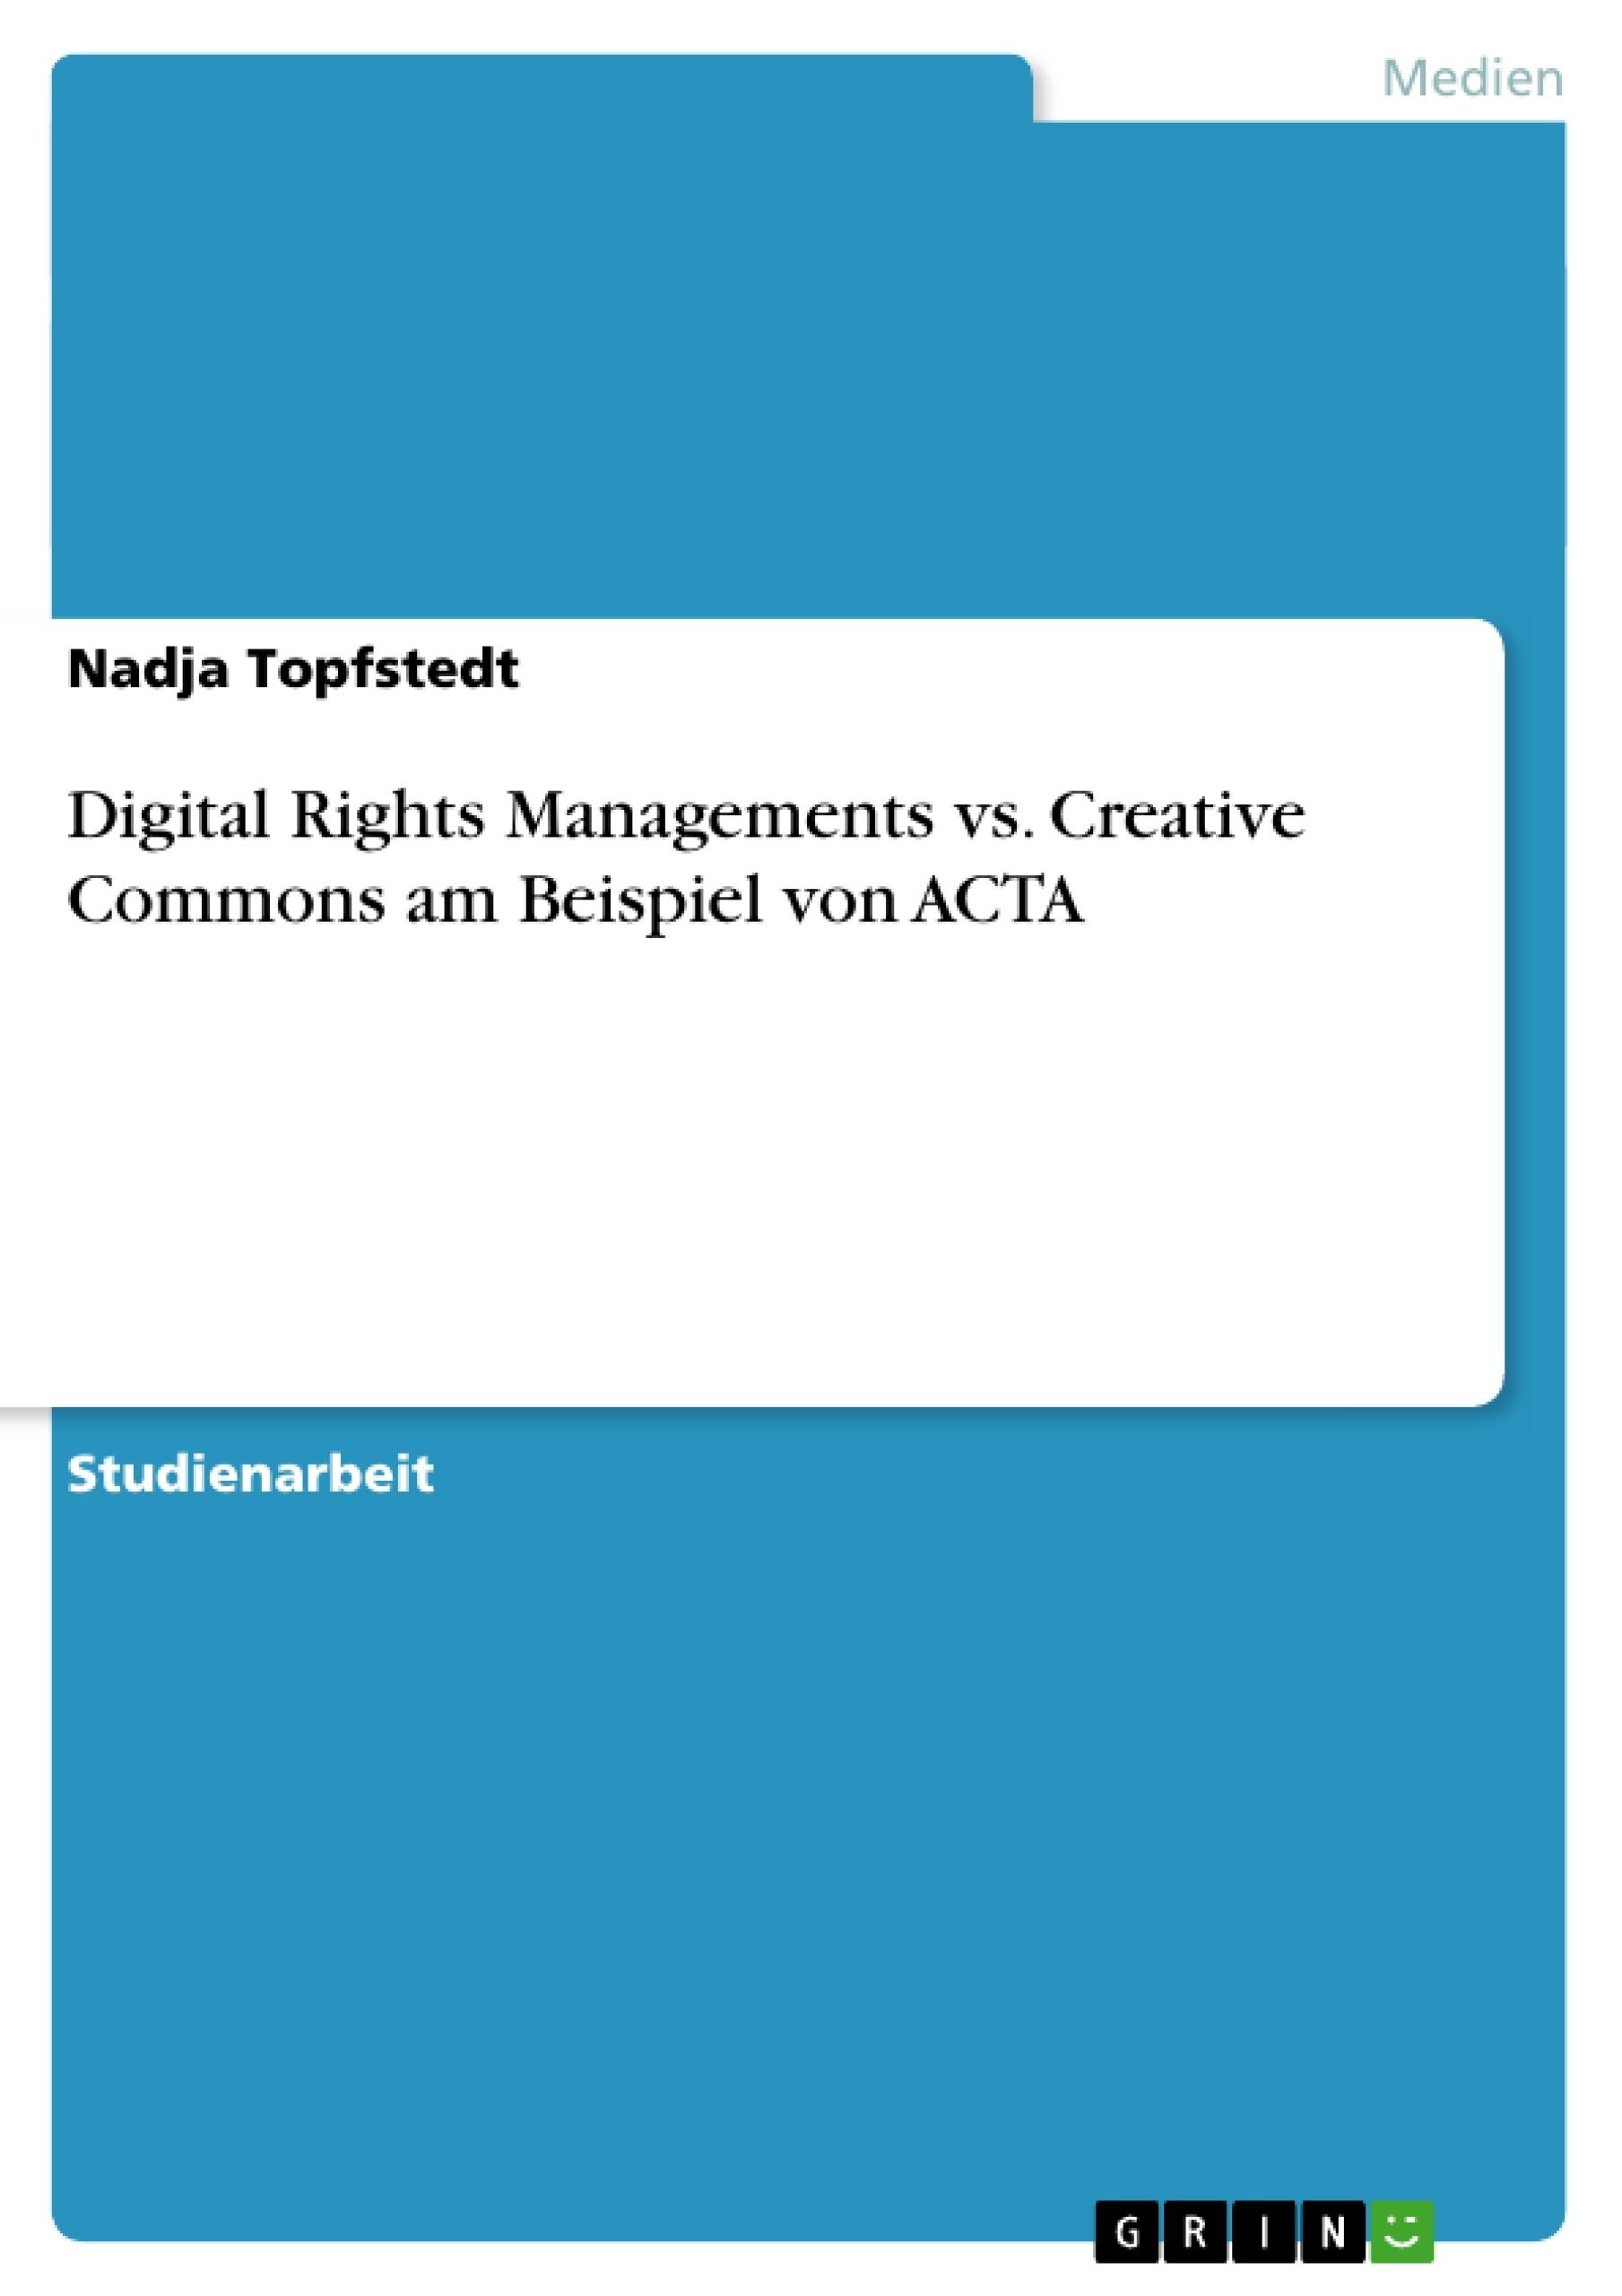 Titel: Digital Rights Managements vs. Creative Commons am Beispiel von ACTA